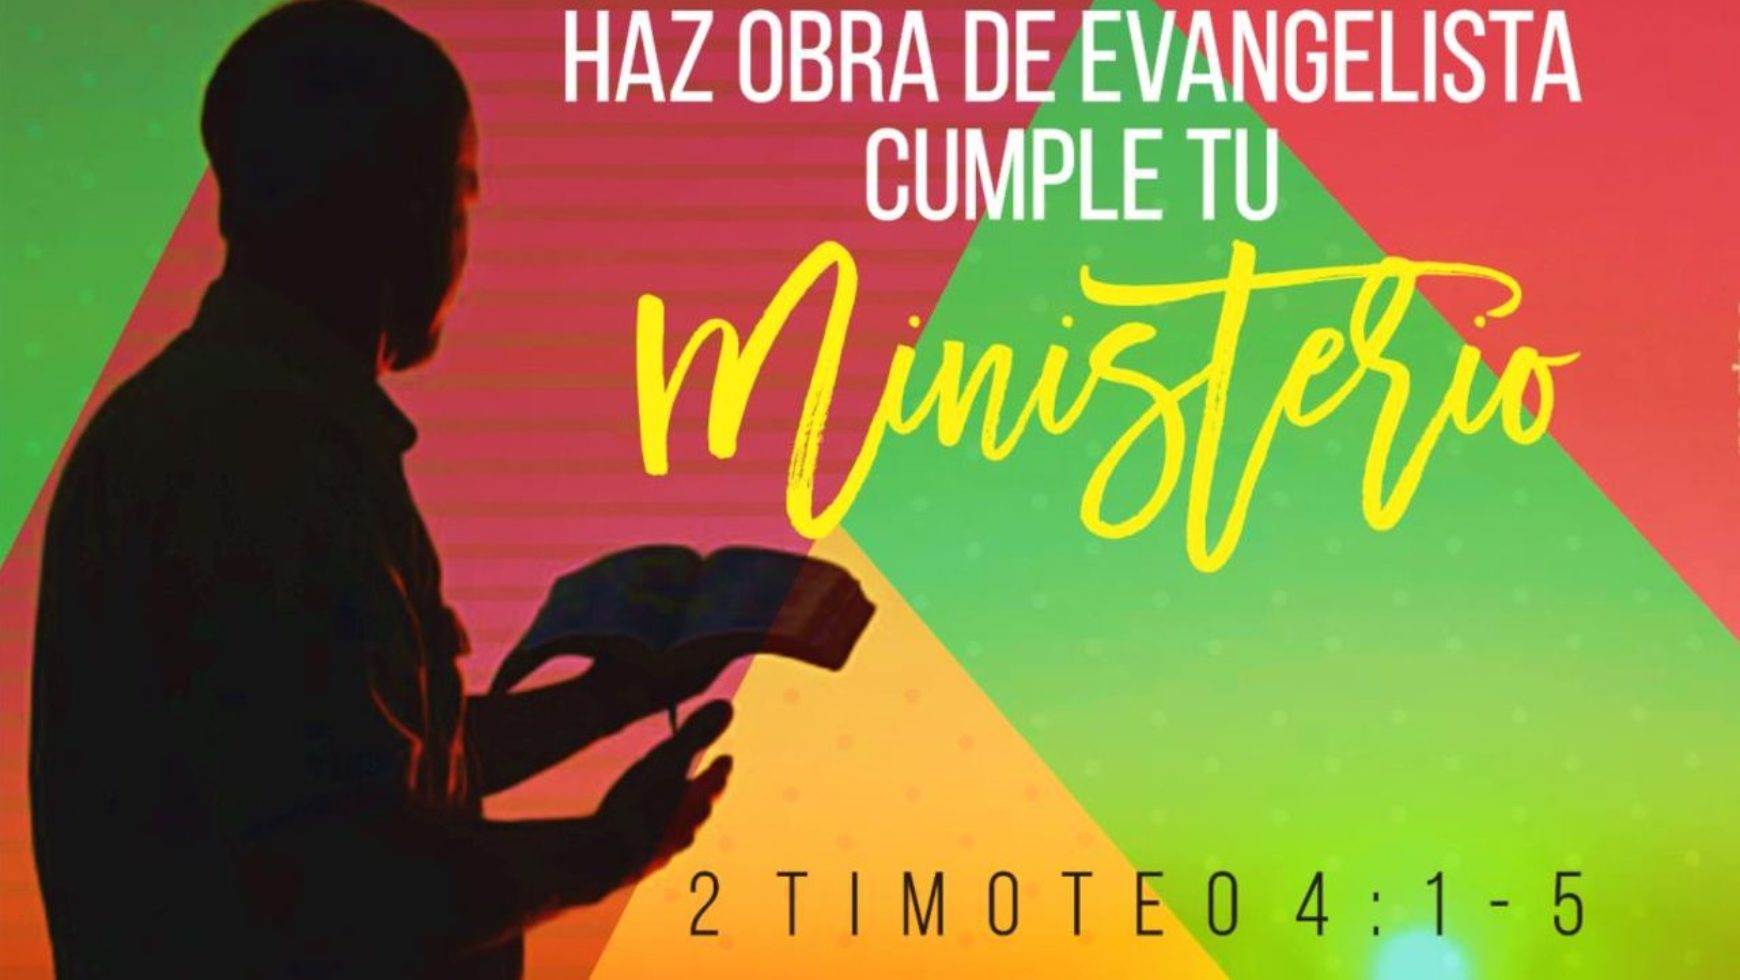 Haz obra de evangelista cumple tu ministerio